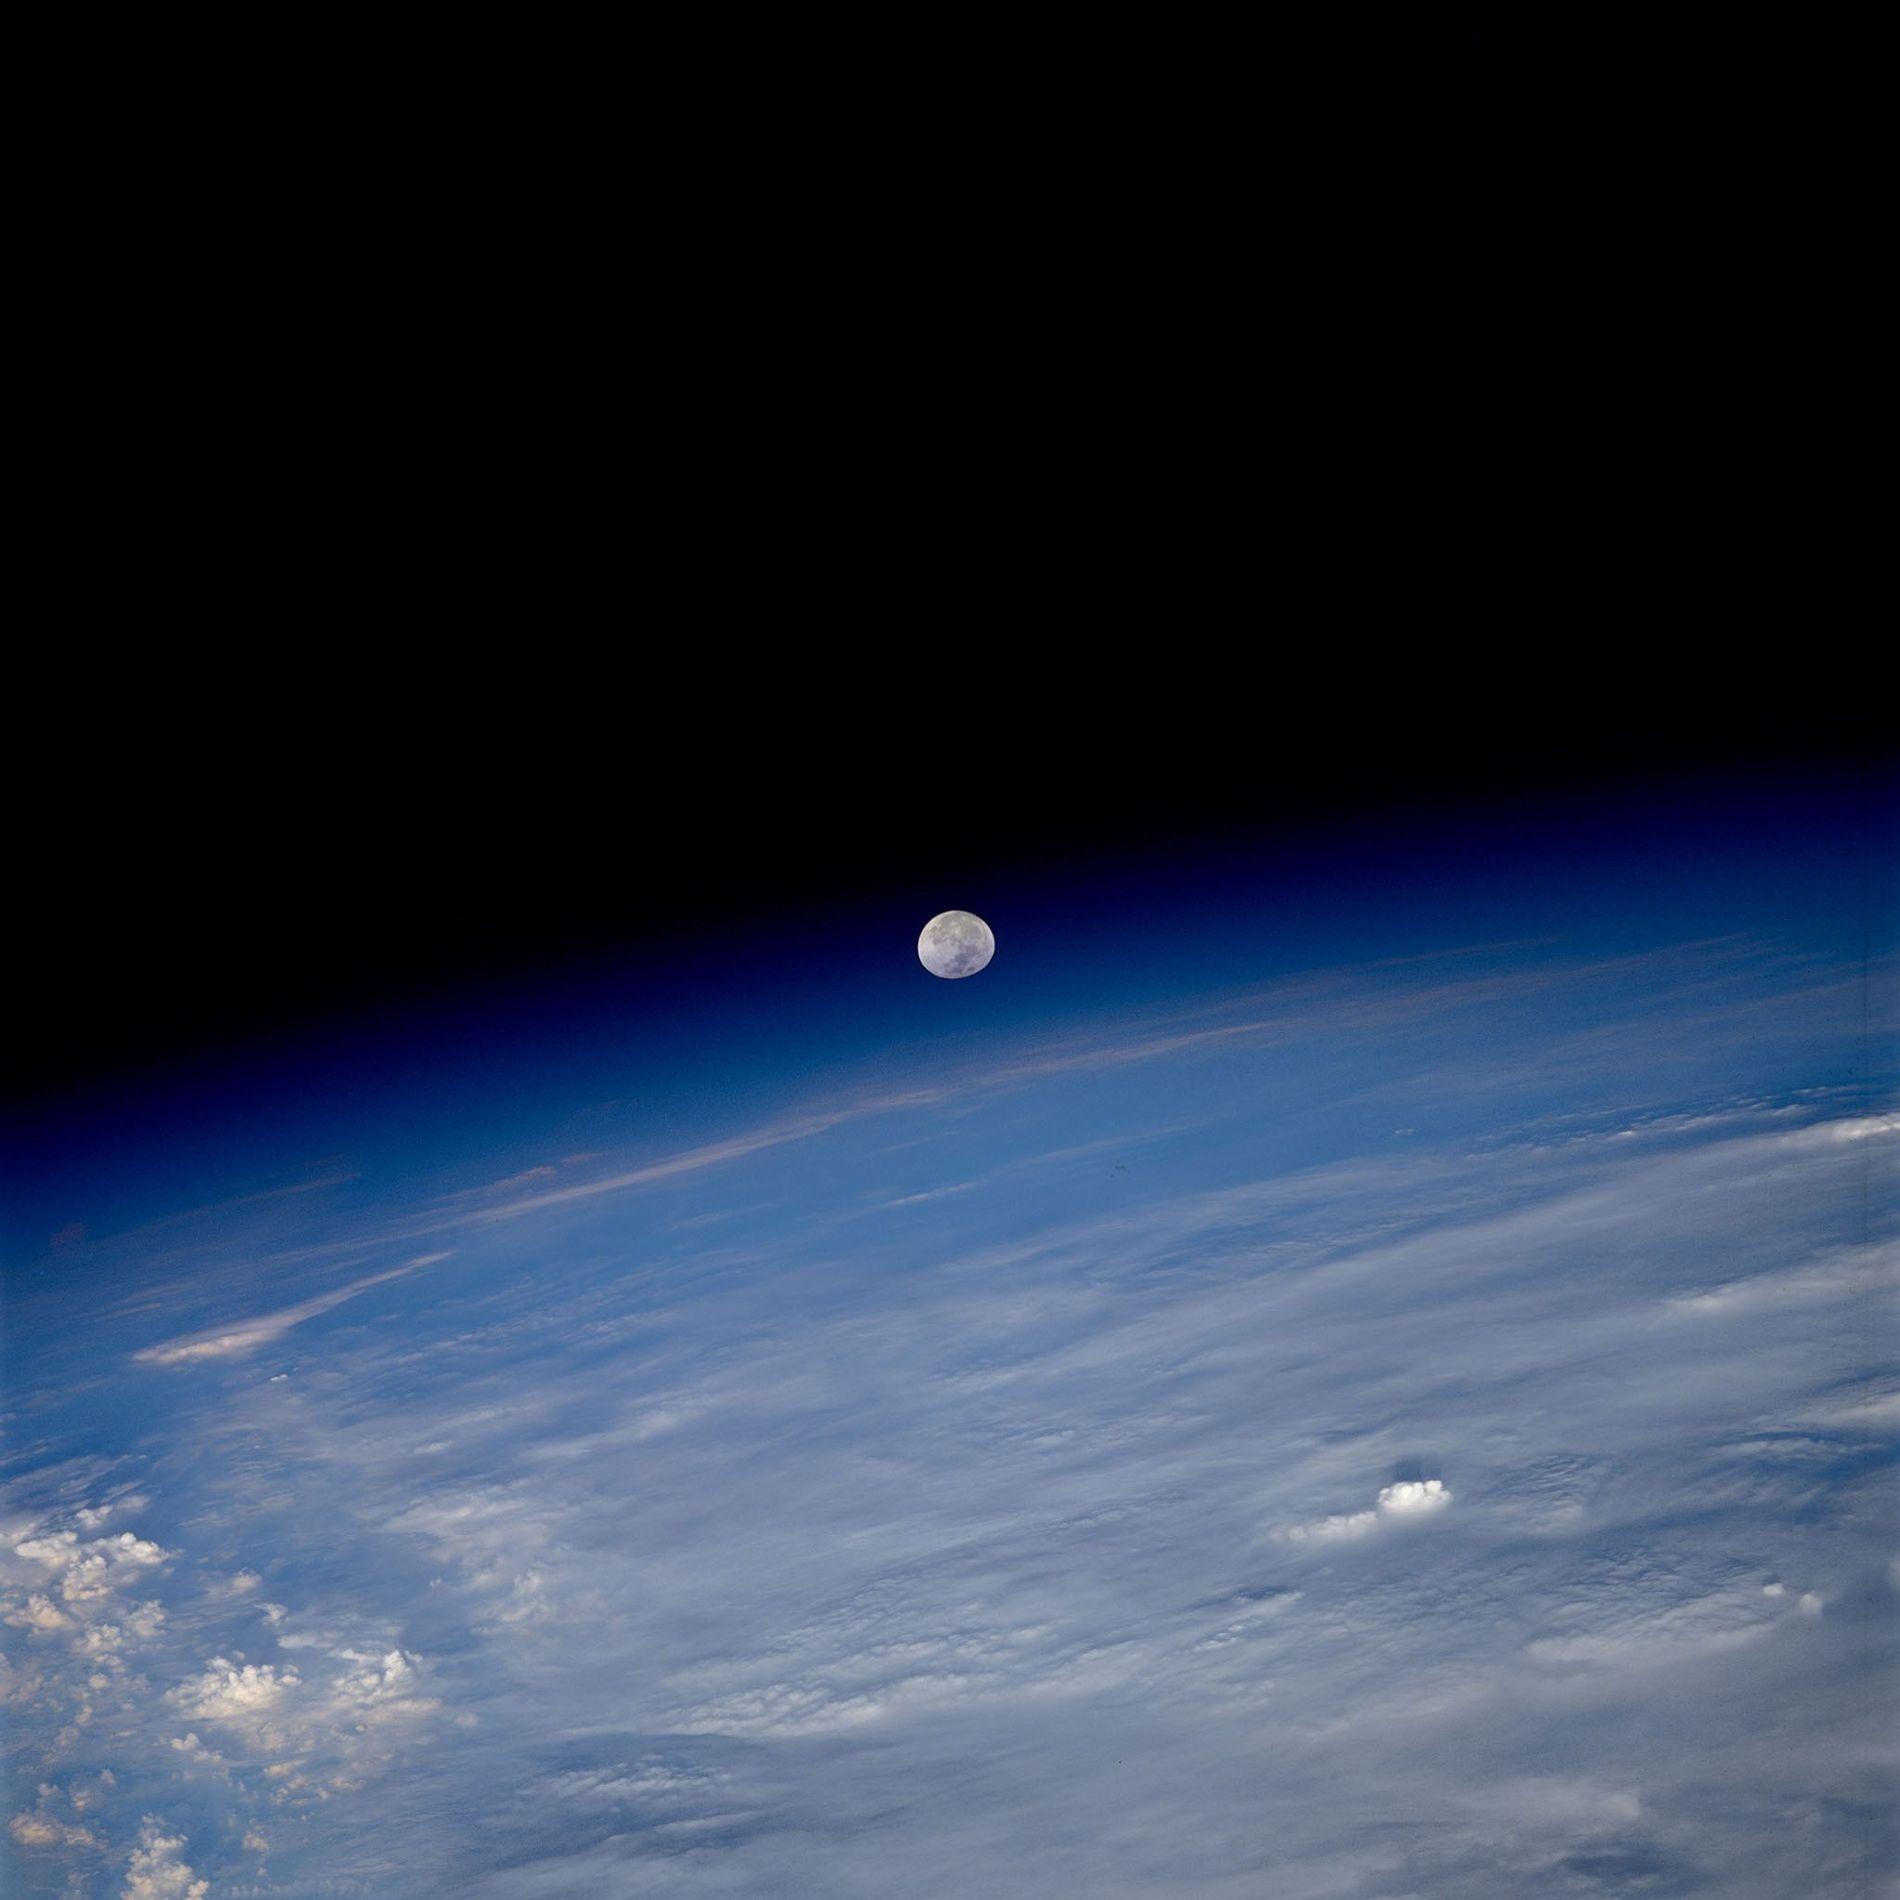 Où se trouvent les limites de l'espace ? Cela dépend à qui vous posez la question